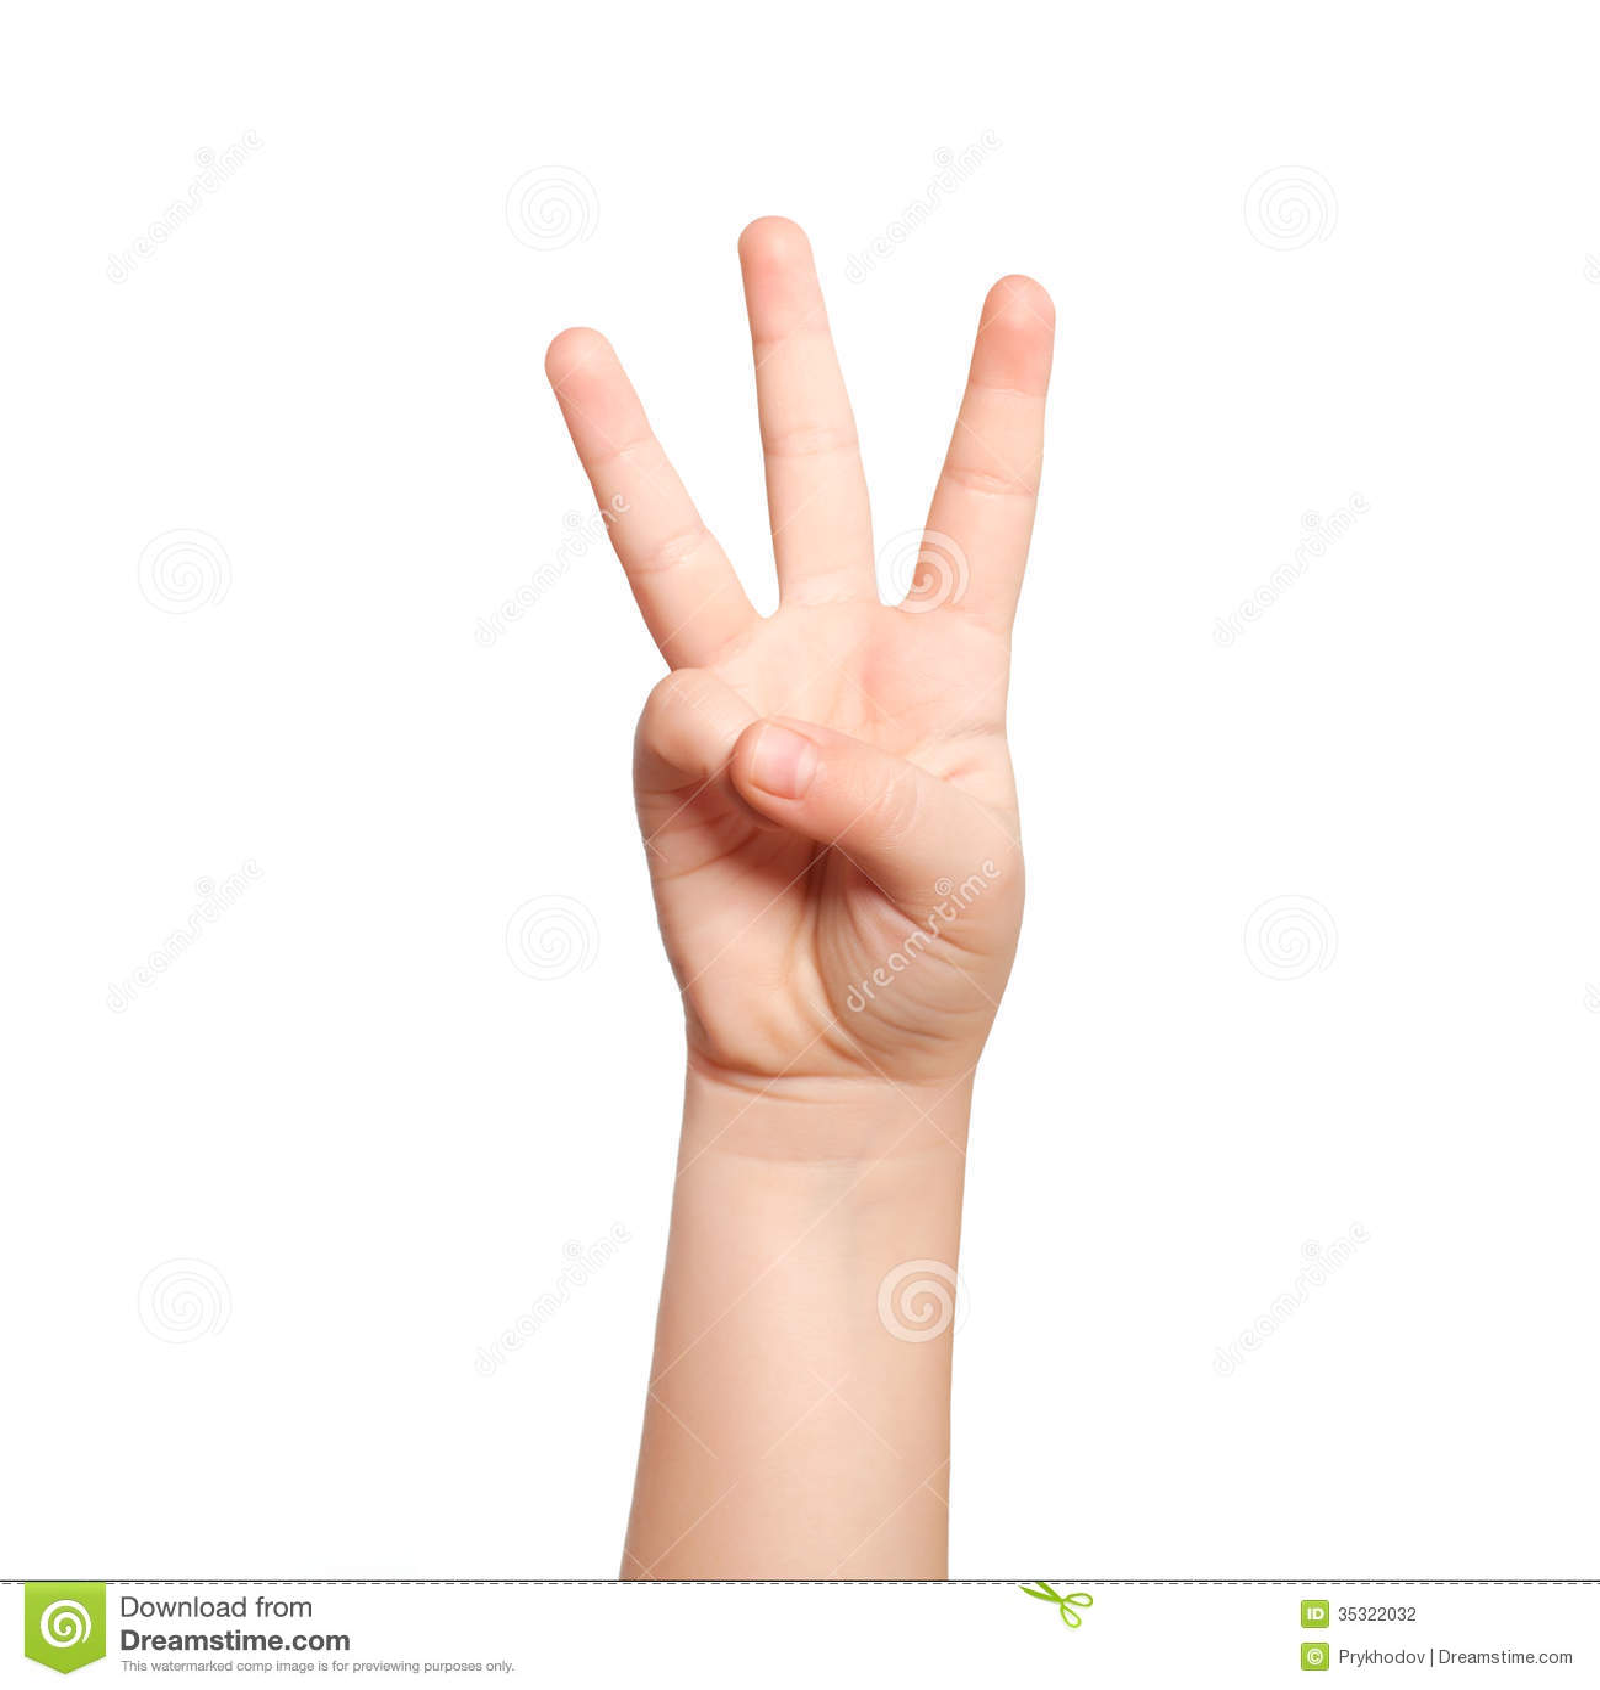 3. Hand